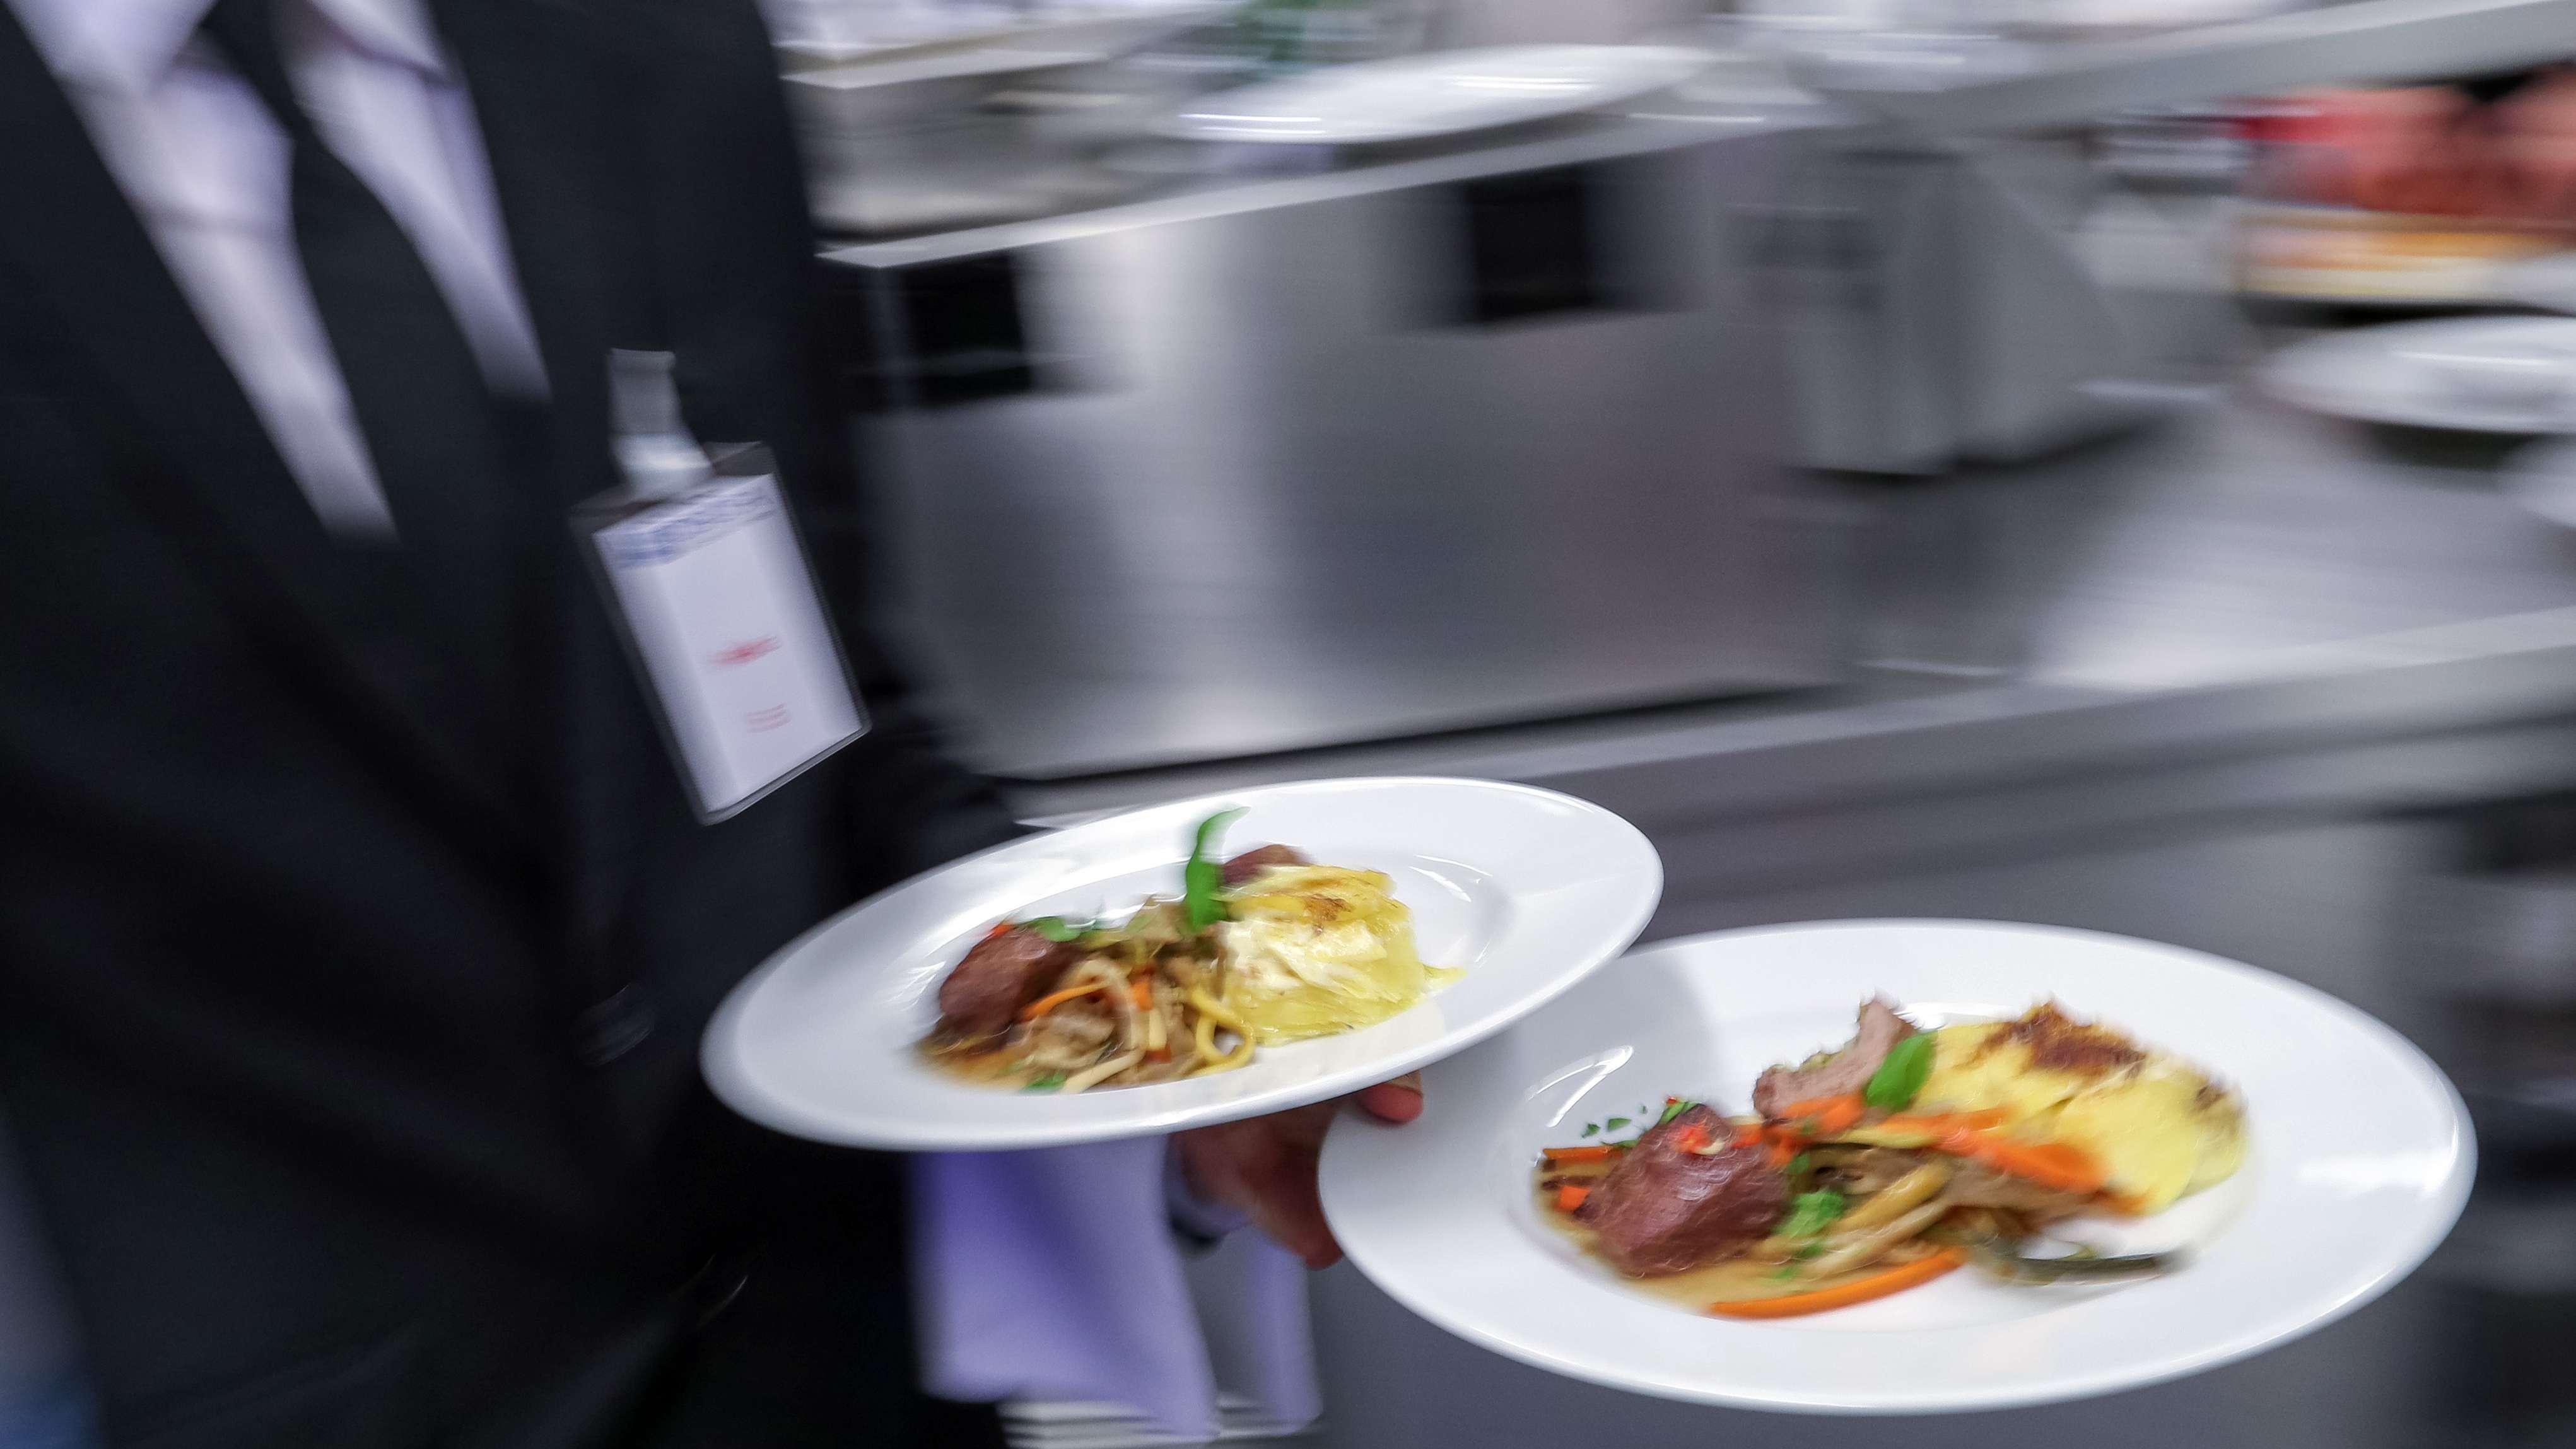 Ein Kellner trägt zwei Teller mit Essen von der Küche ins Restaurant (Symbolbild)